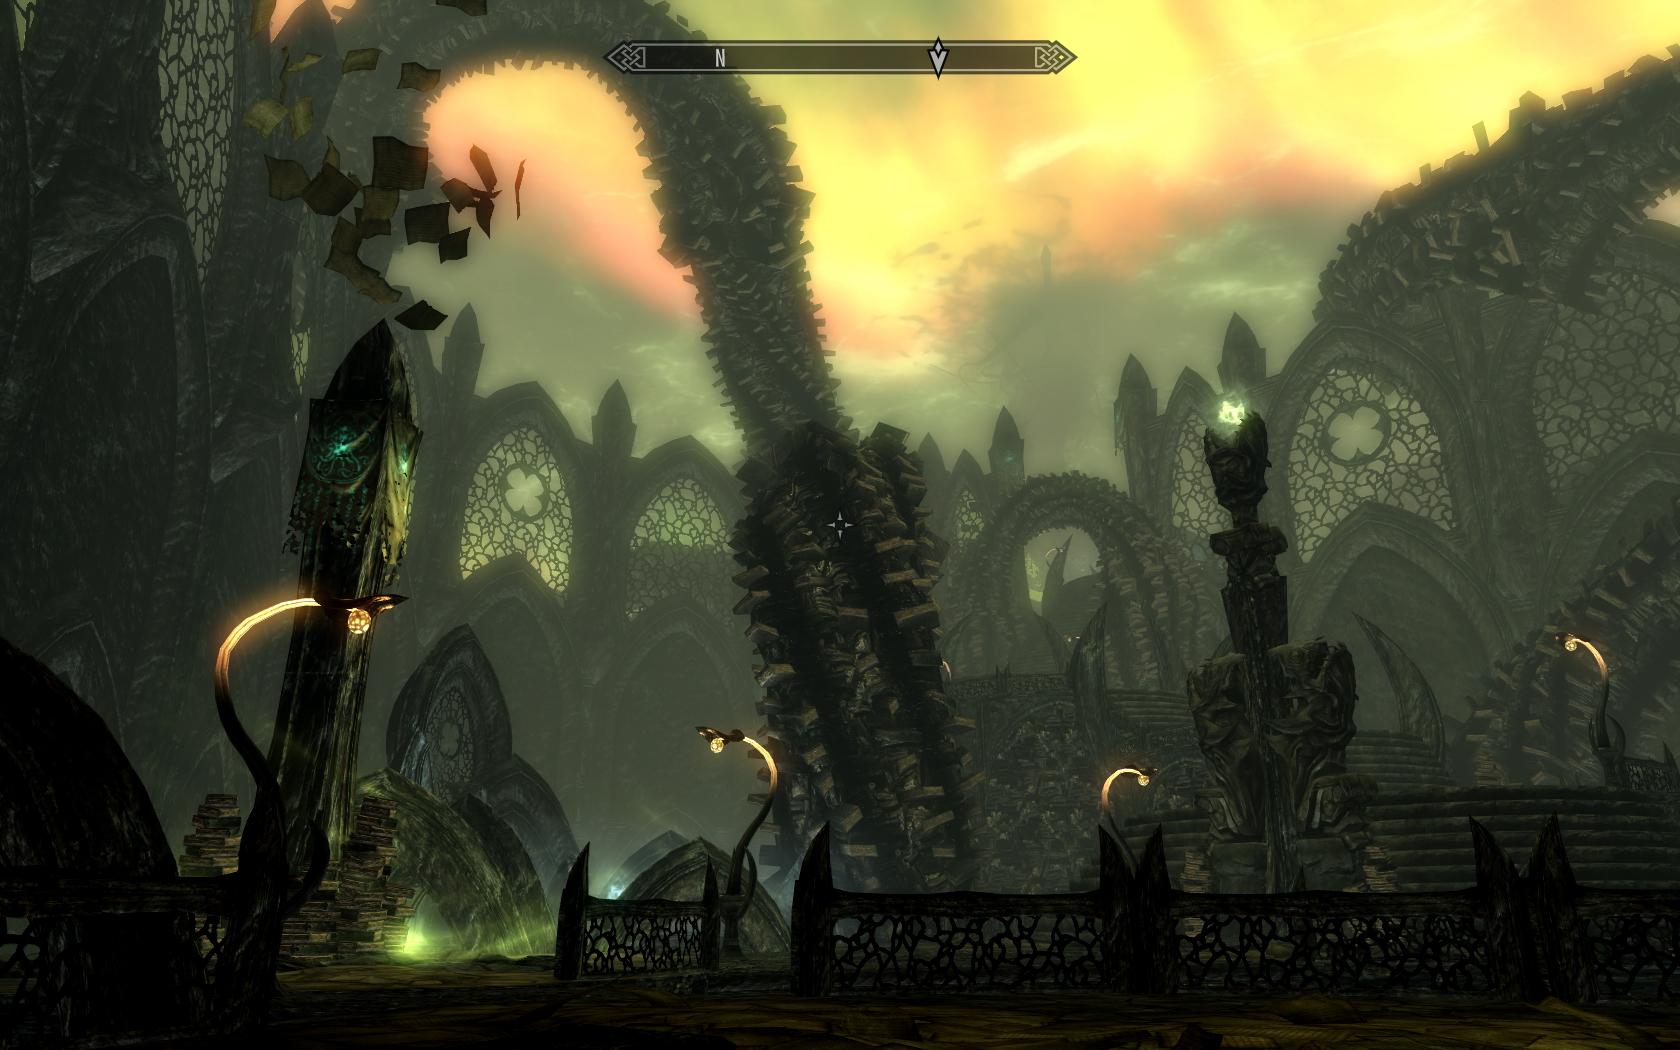 Ролевая игра апокриф север впечатления assassins creed скачать игру онлайн бесплатно